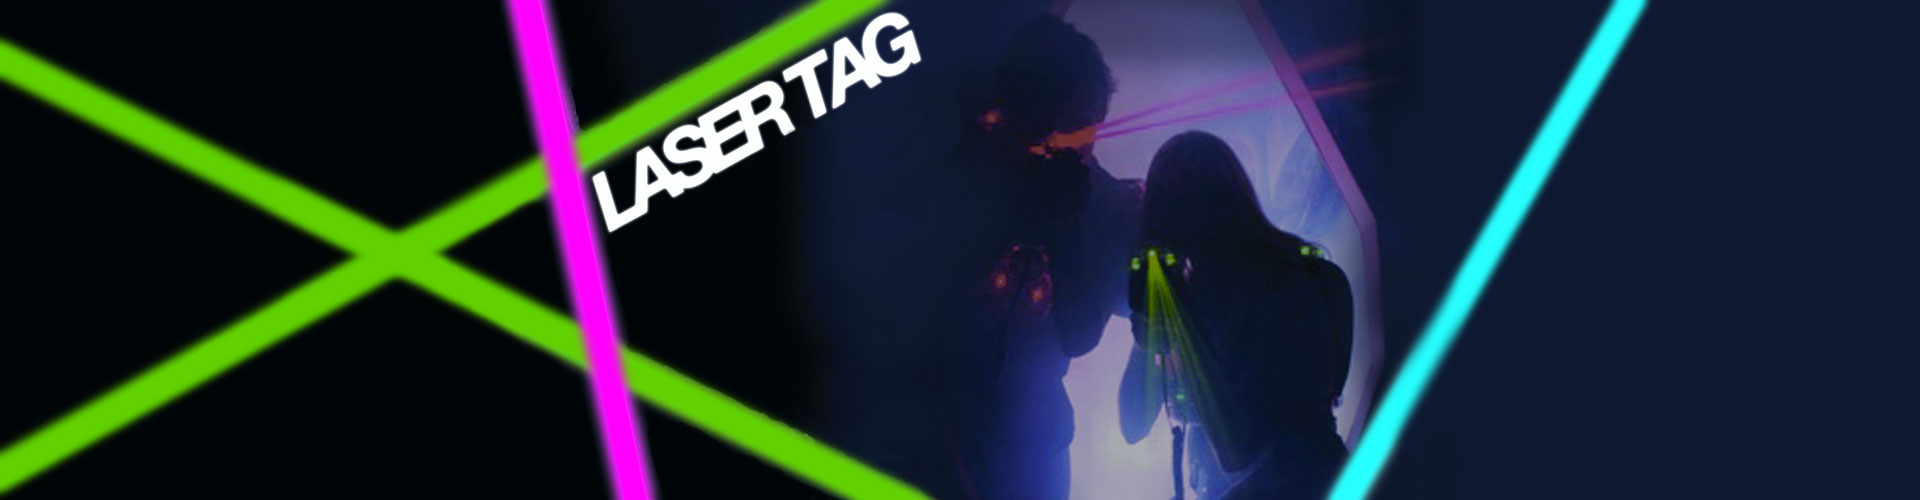 laser_tag_slide_3